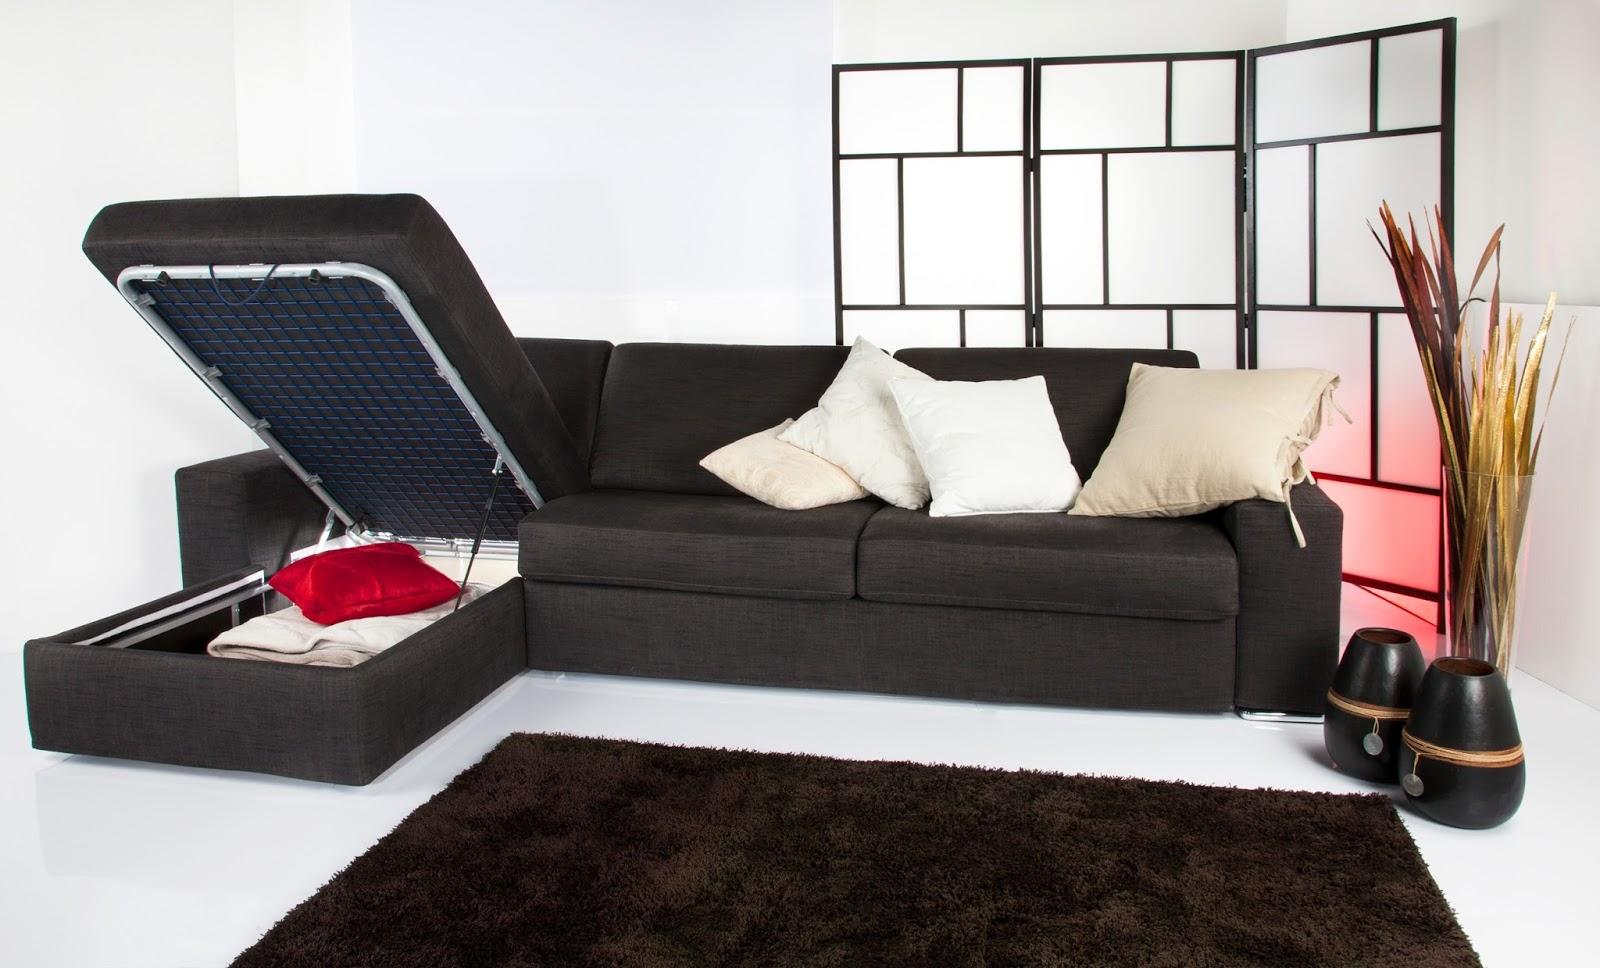 Vendita divani letto lissone monza e brianza milano divano letto con penisola contenitore for Divani e divani divani letto